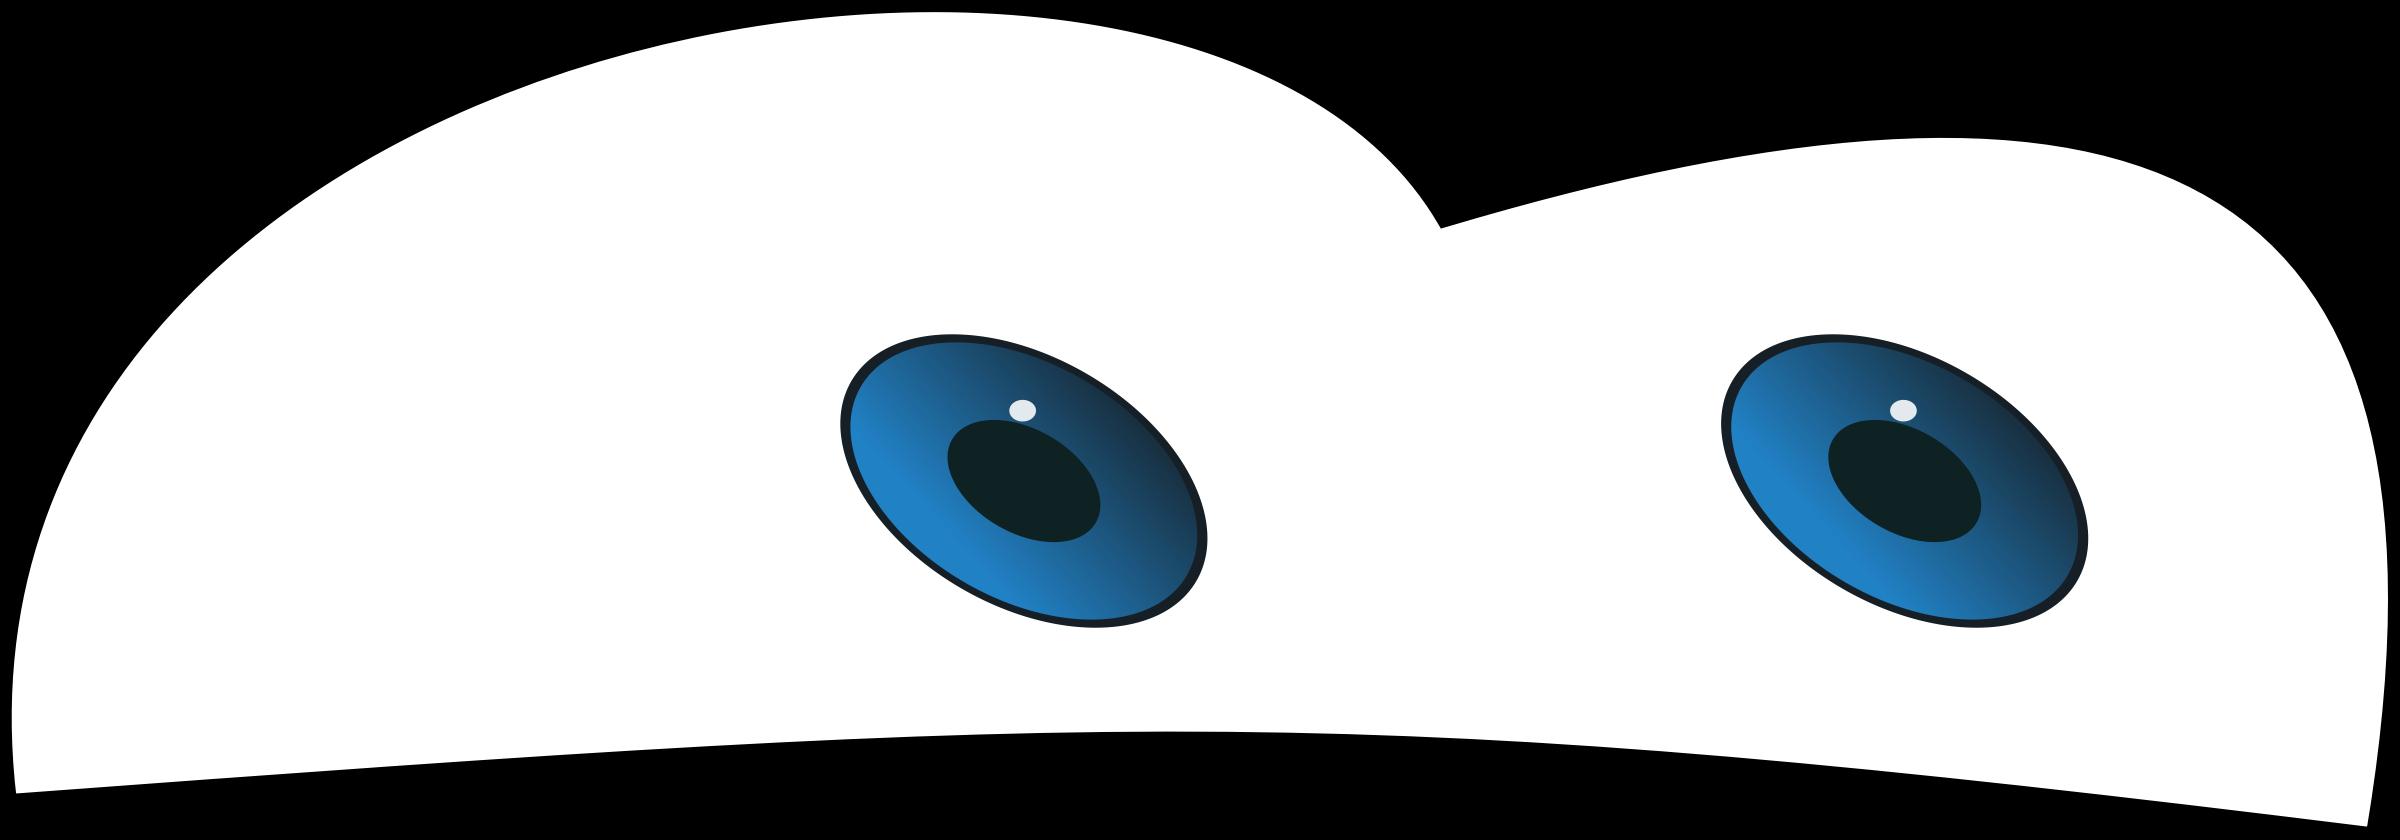 Car eyes by gramic. Clipart cars eye